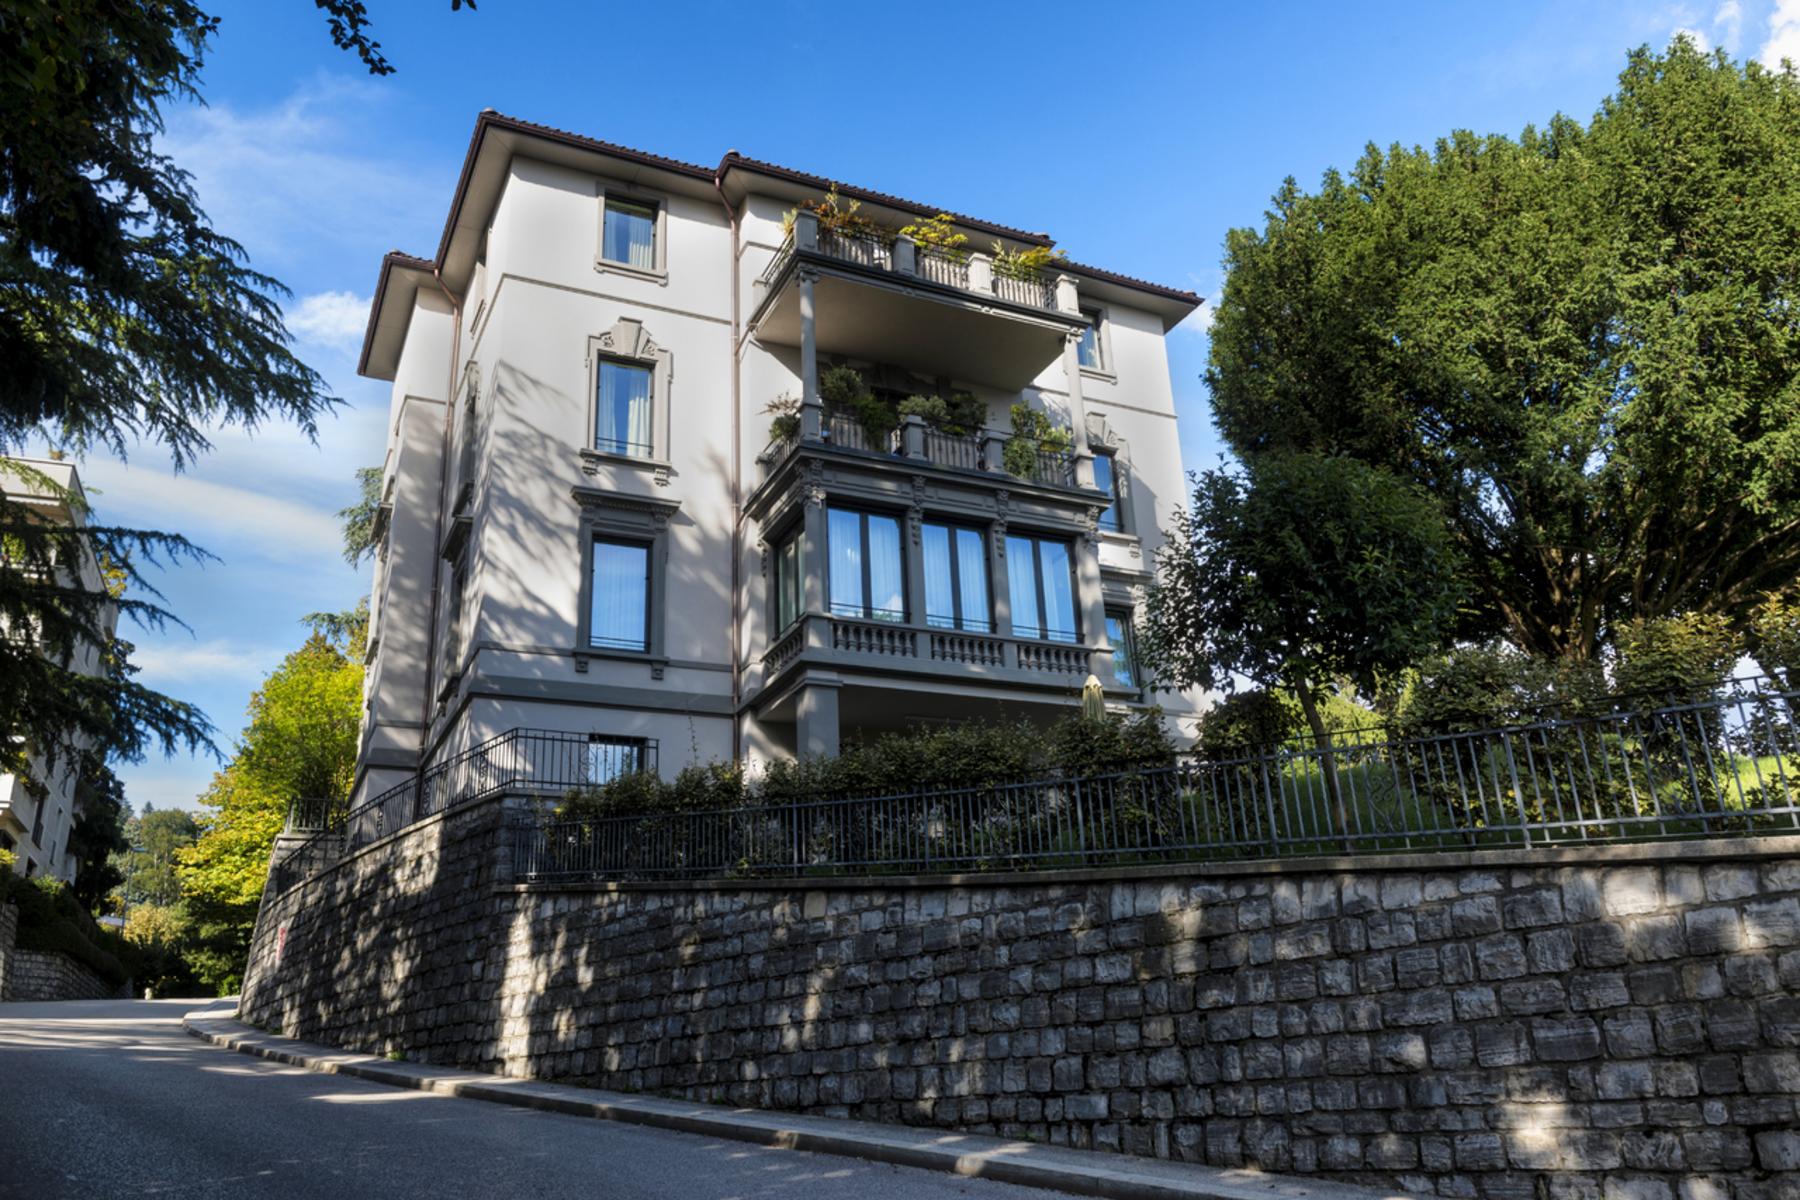 Appartement pour l à vendre à Luxury apartment in Villa Borghese Lugano, Lugano, Ticino, 6900 Suisse